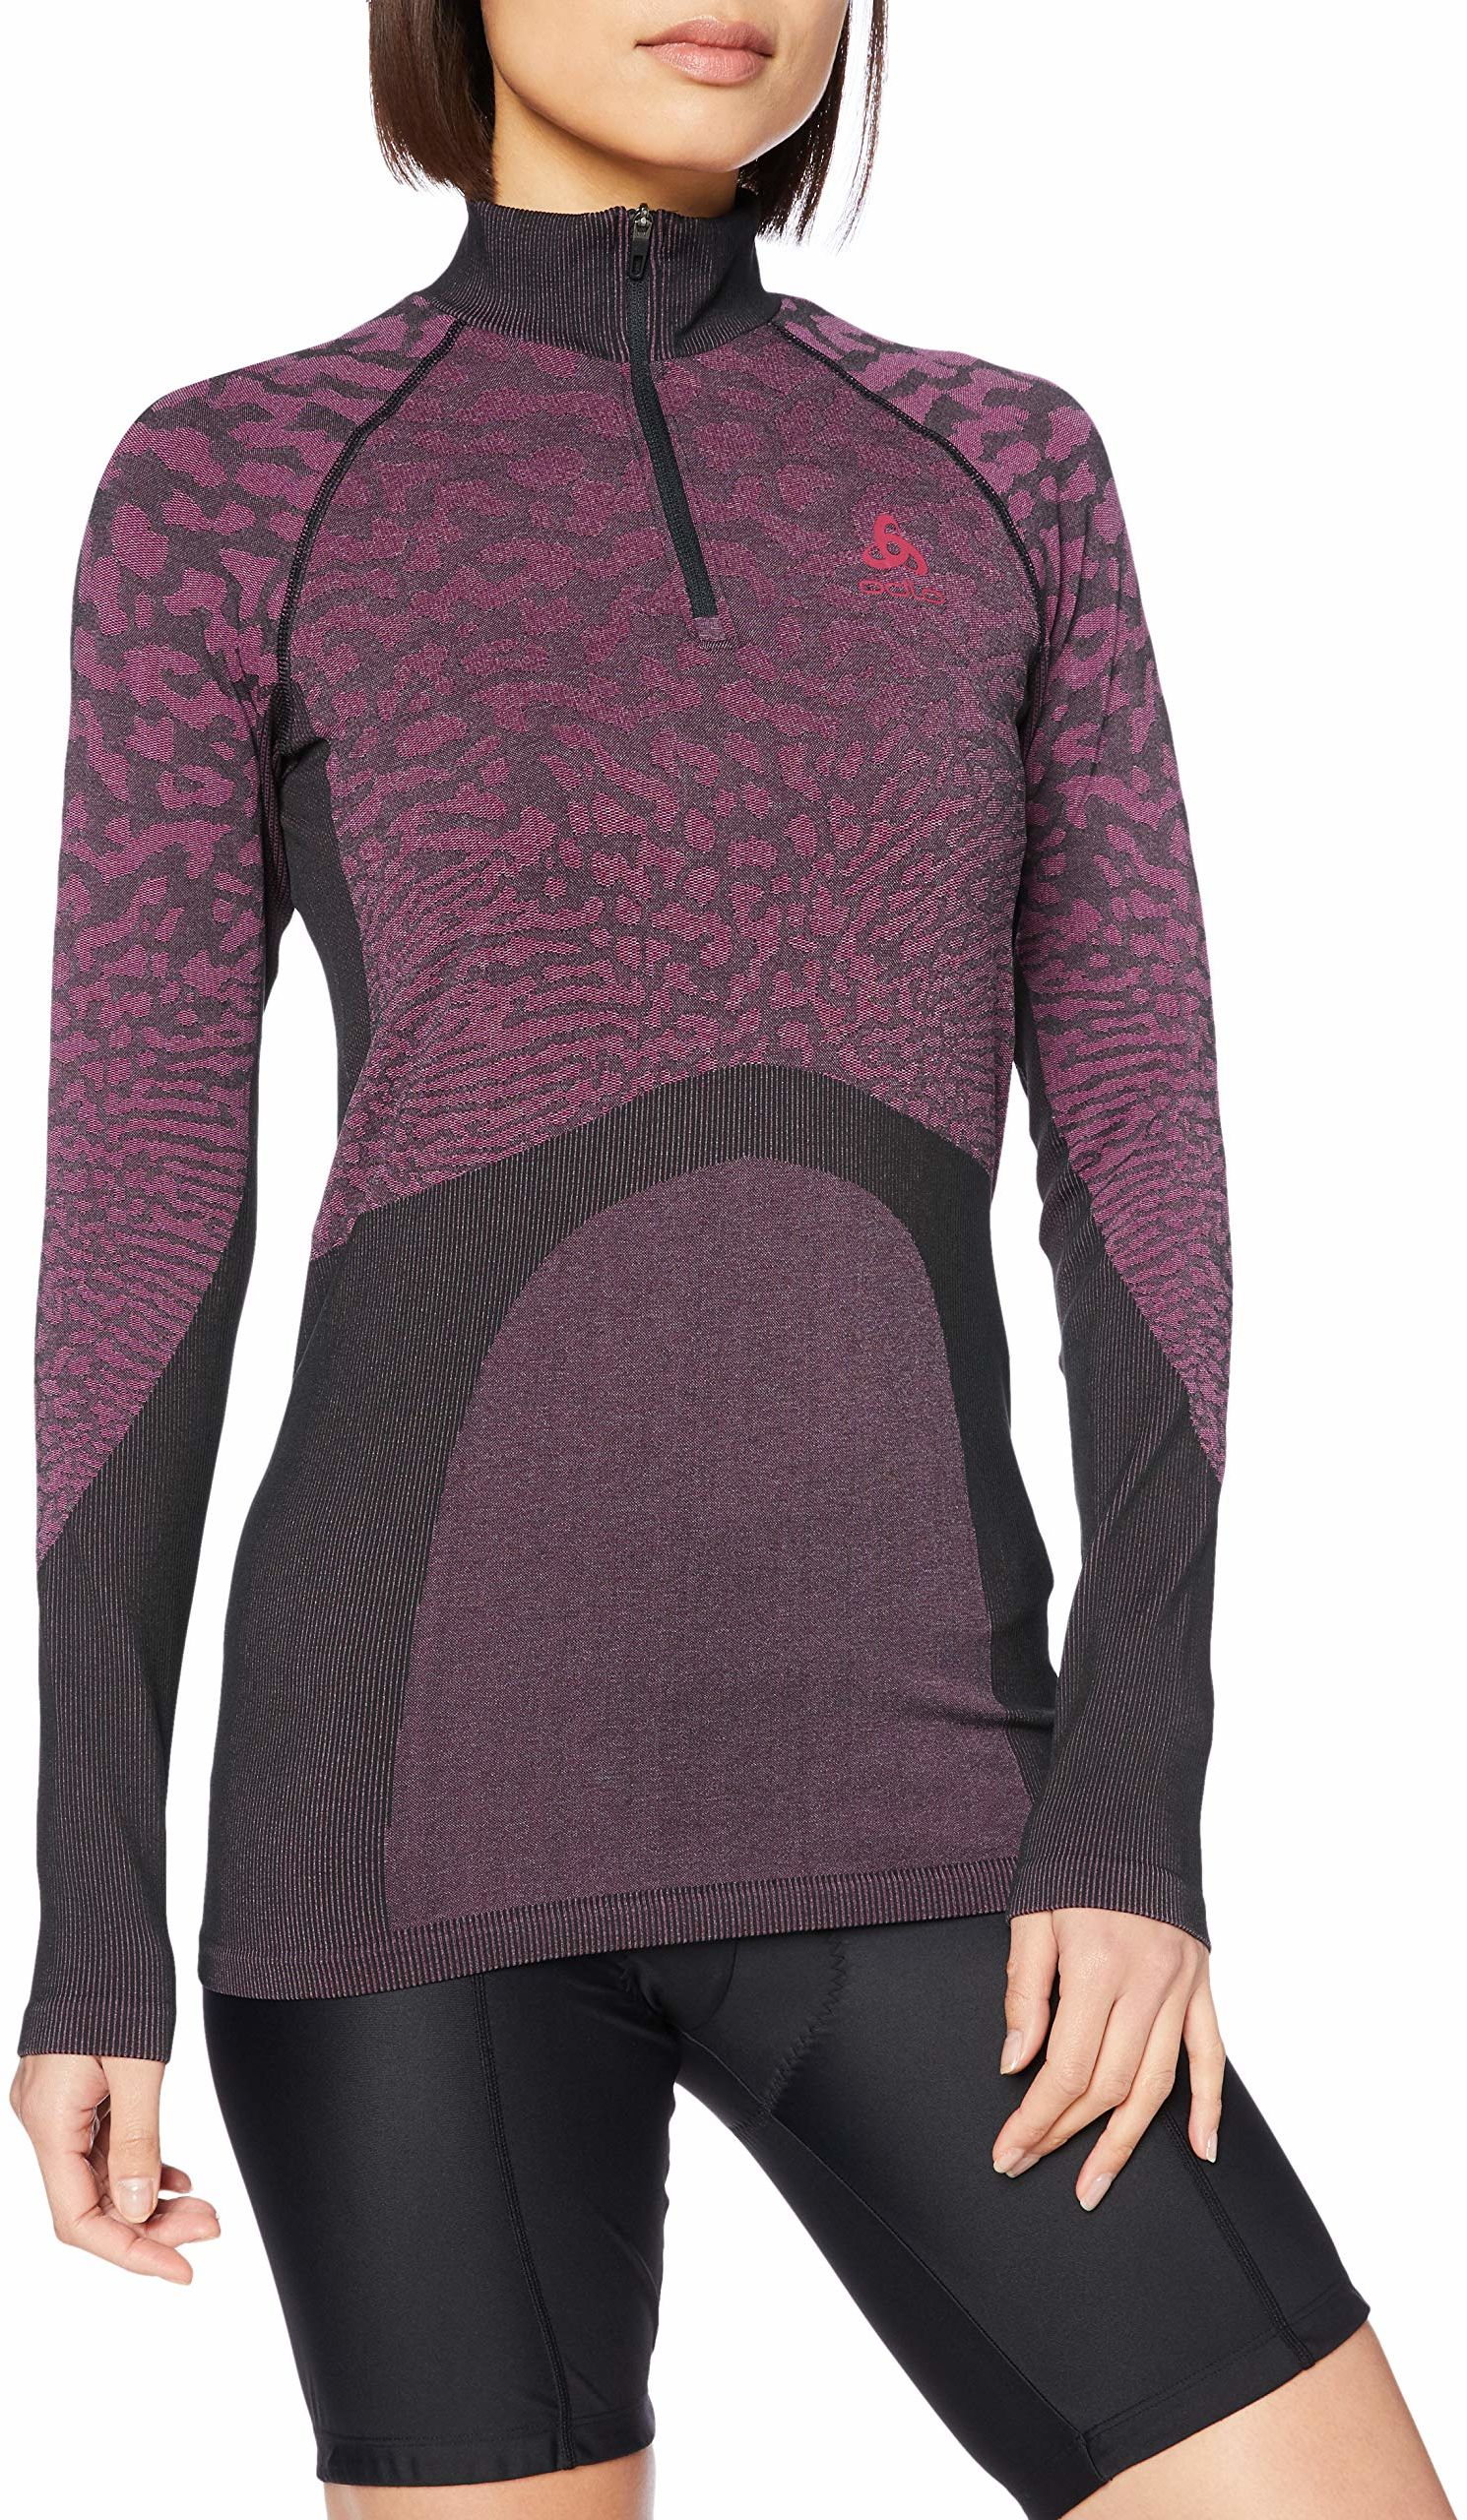 Odlo damska koszulka z długim rękawem BL Turtle Neck Half Zip Blackcomb z długim rękawem czarna, różowa koszulka, XL